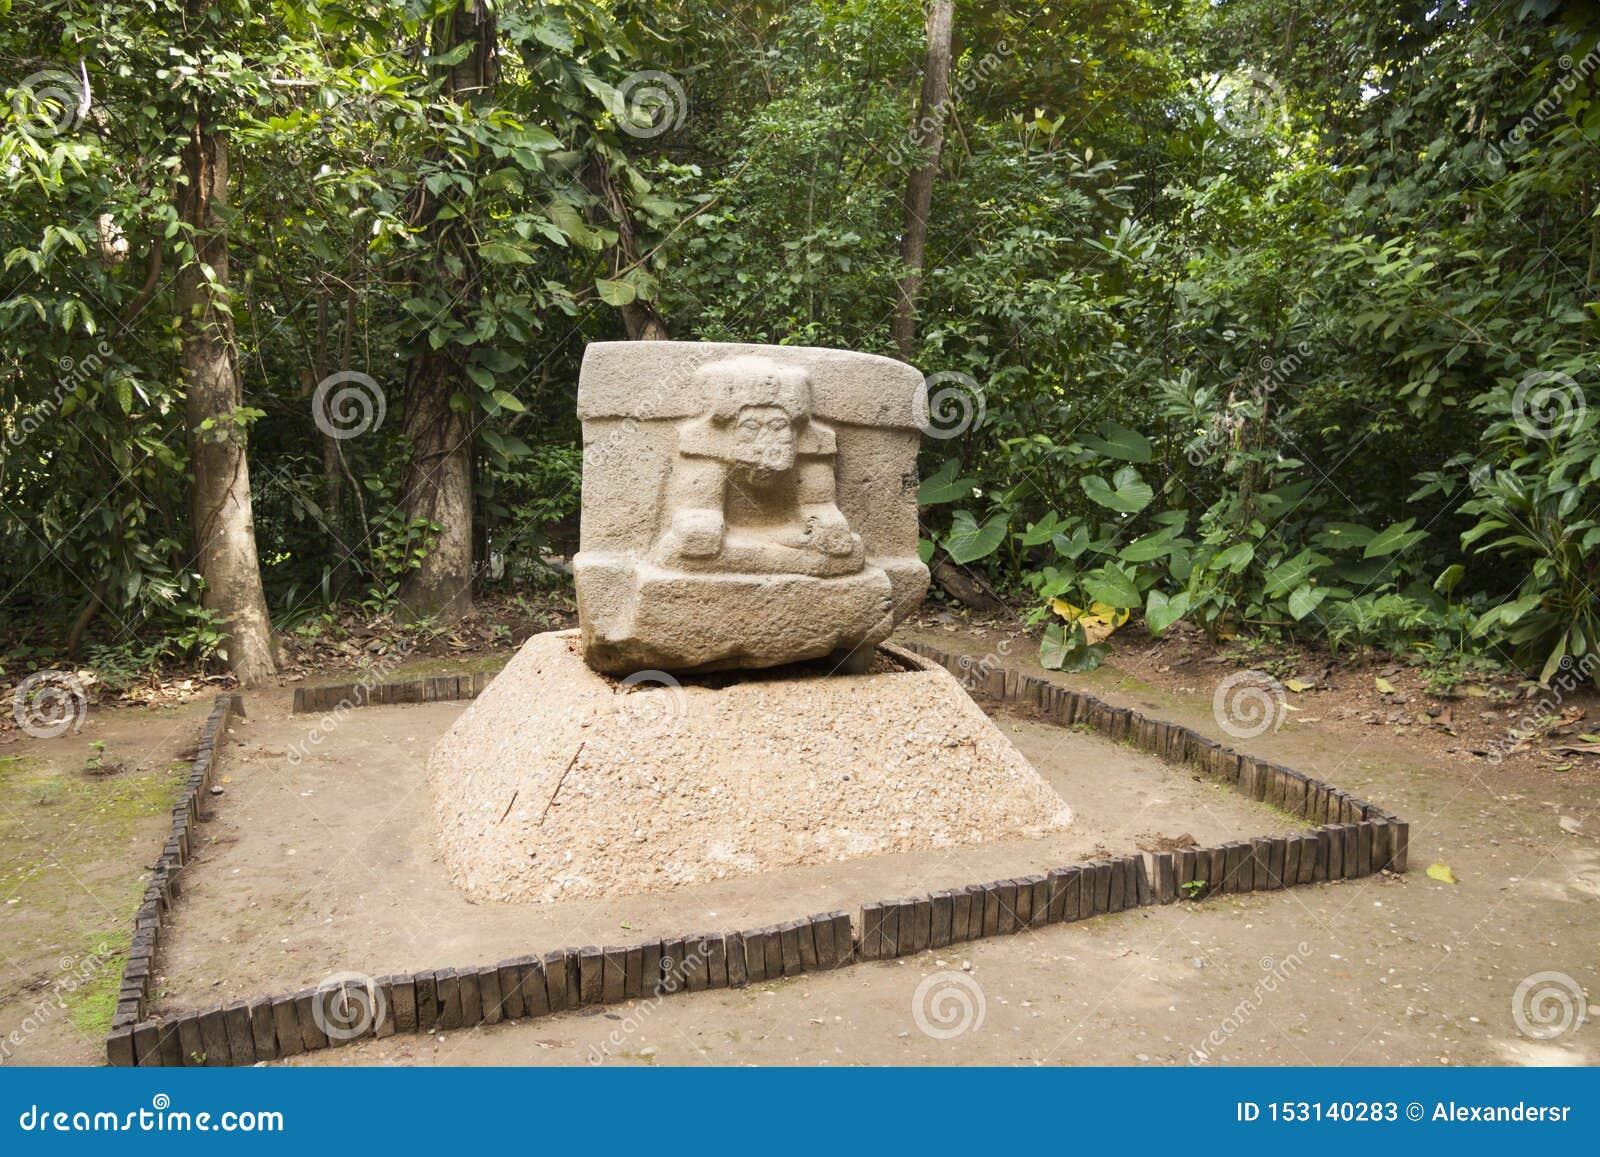 Olmec hällristningskulptur, La Venta, Villahermosa, tabasco, Mexico